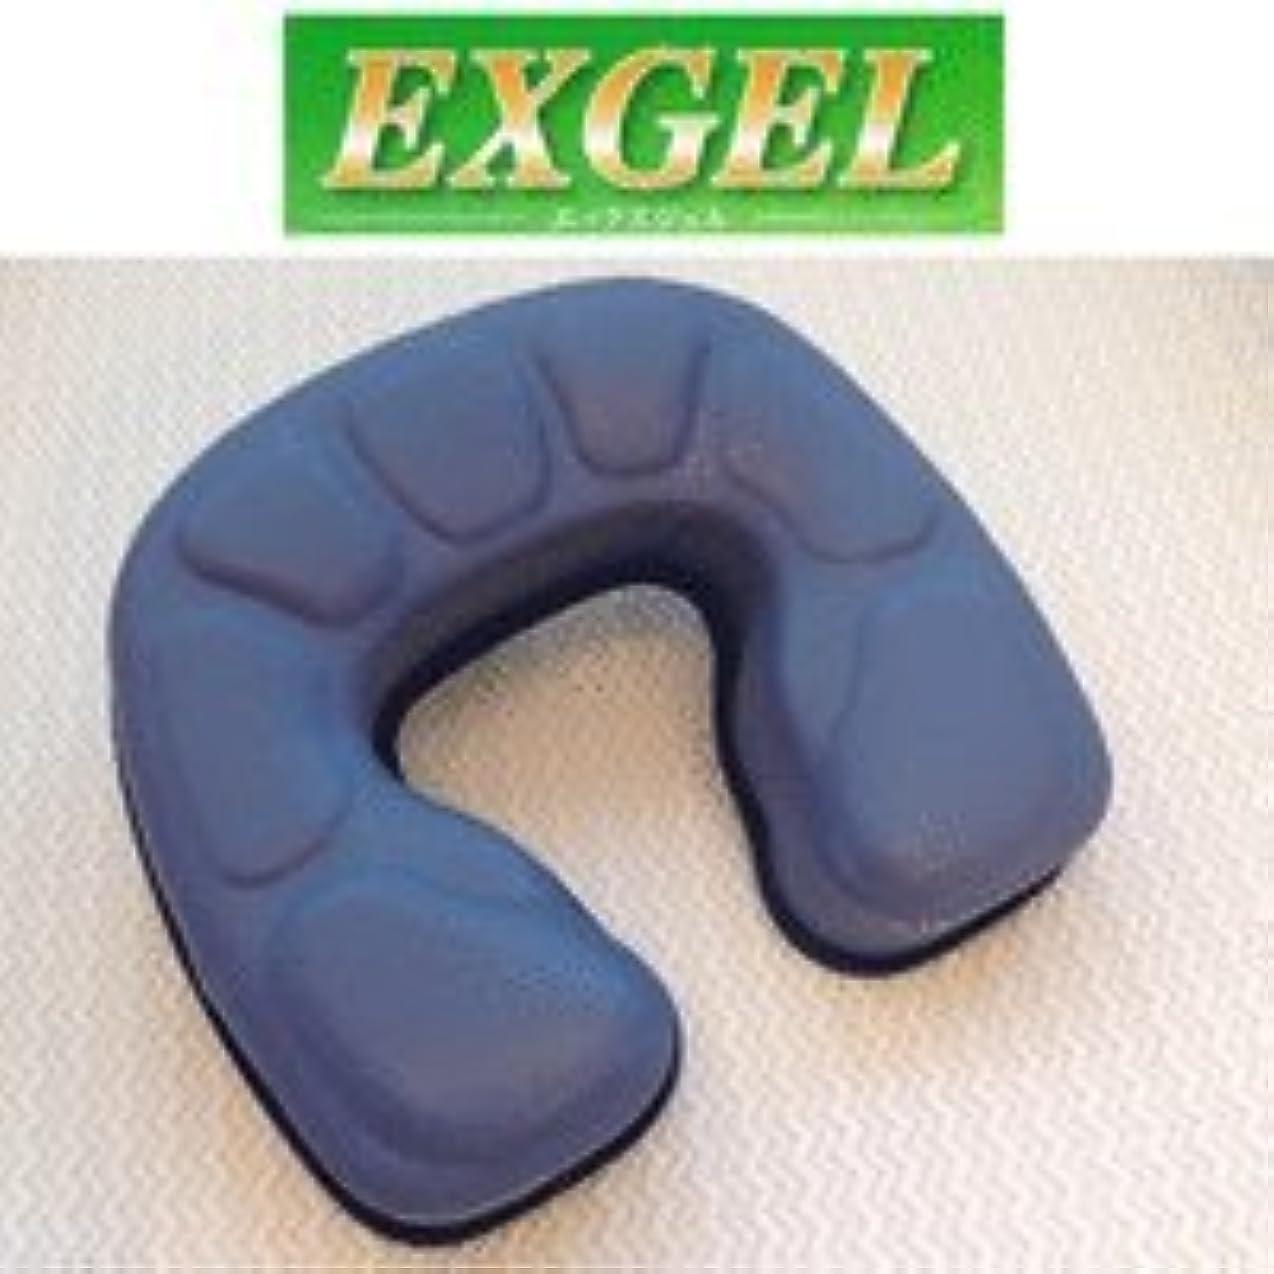 びっくりした億びっくりしたEXGEL(エックスジェル) EXフェイスマット 25×26×6cm (カナケン治療?施術用枕) うつぶせ寝まくら KT-297